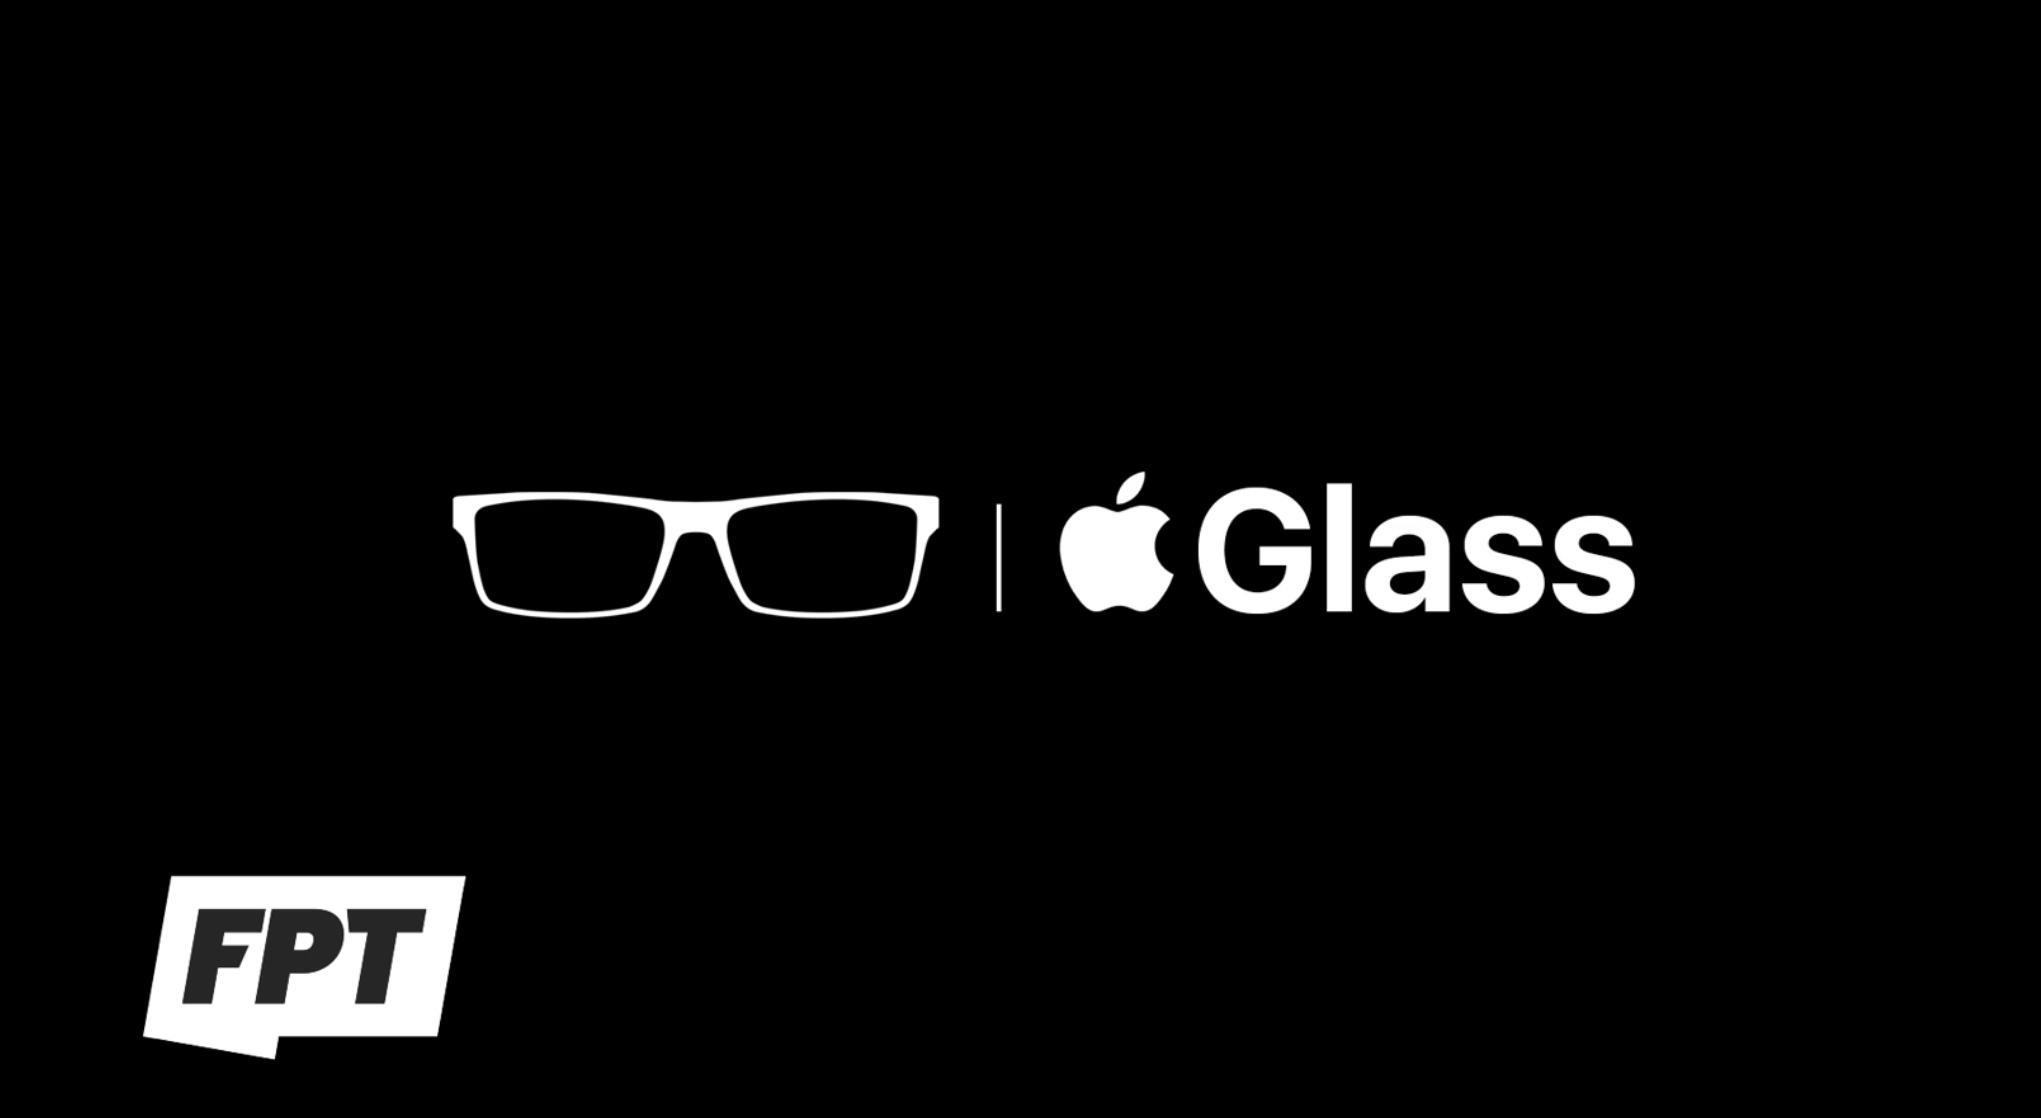 Známe první detaily chytrých brýlích od Applu včetně jejich názvu